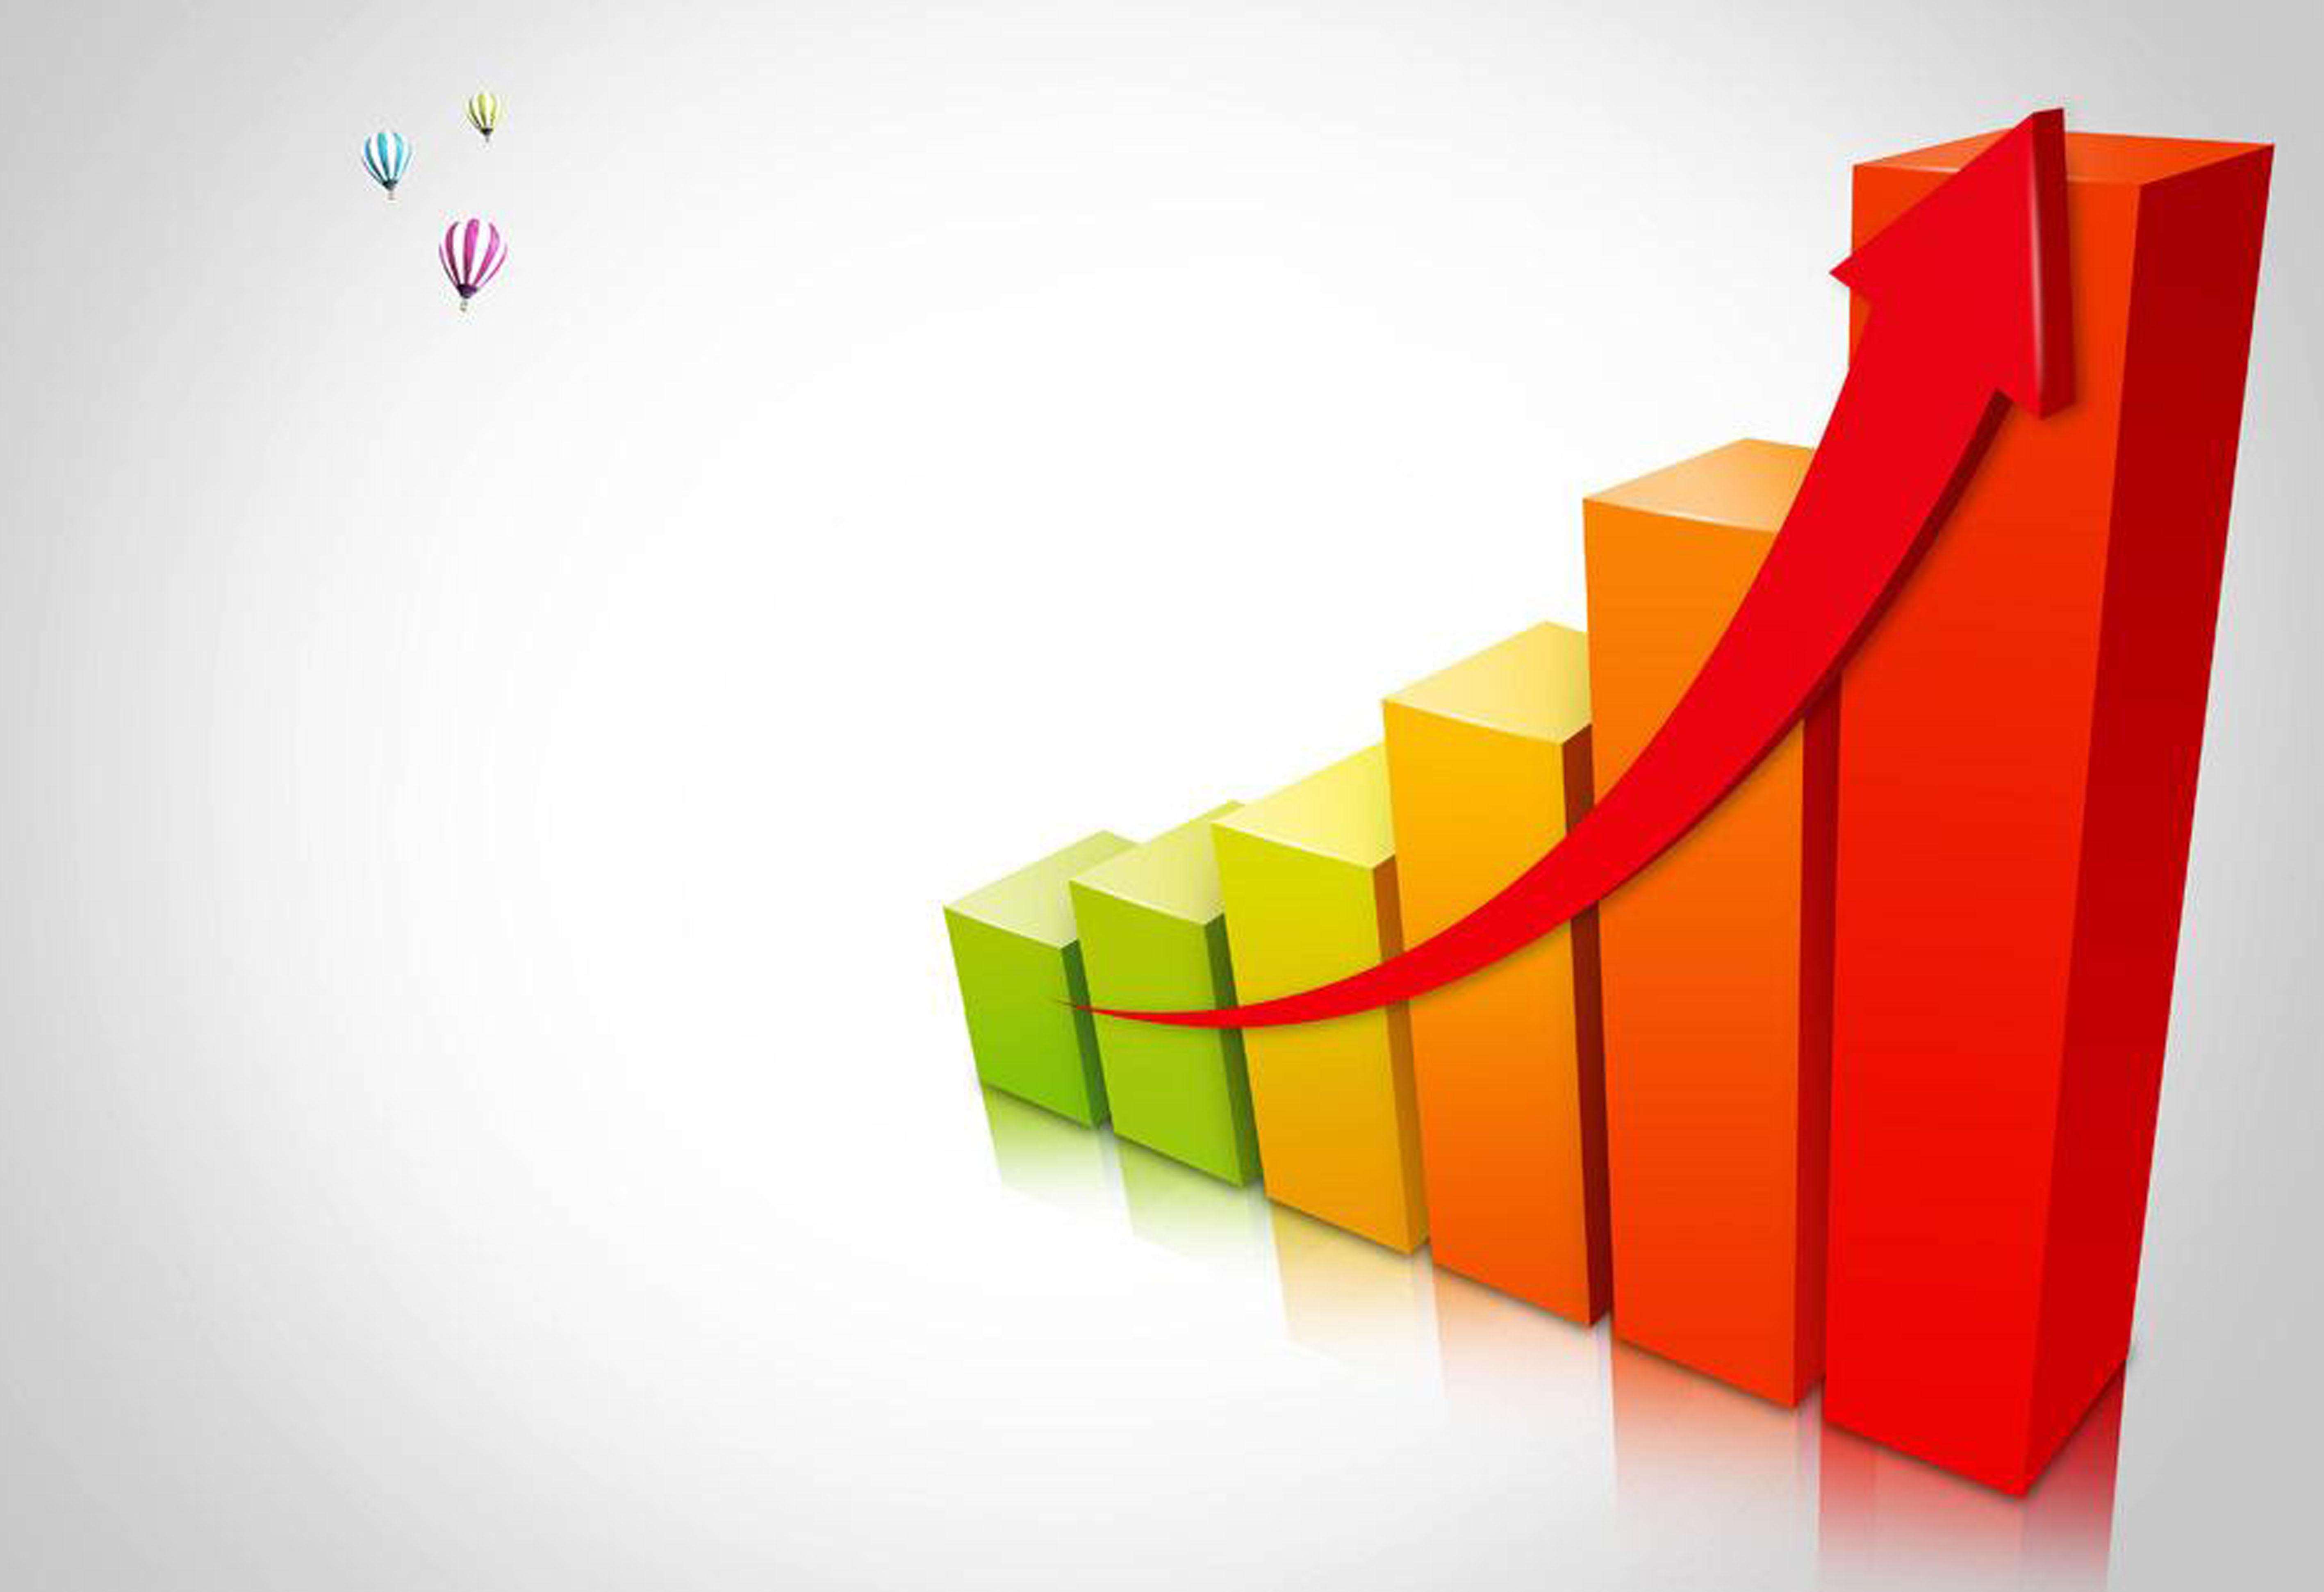 19份业绩预告背后:LED景气度延续,增速已明显放缓